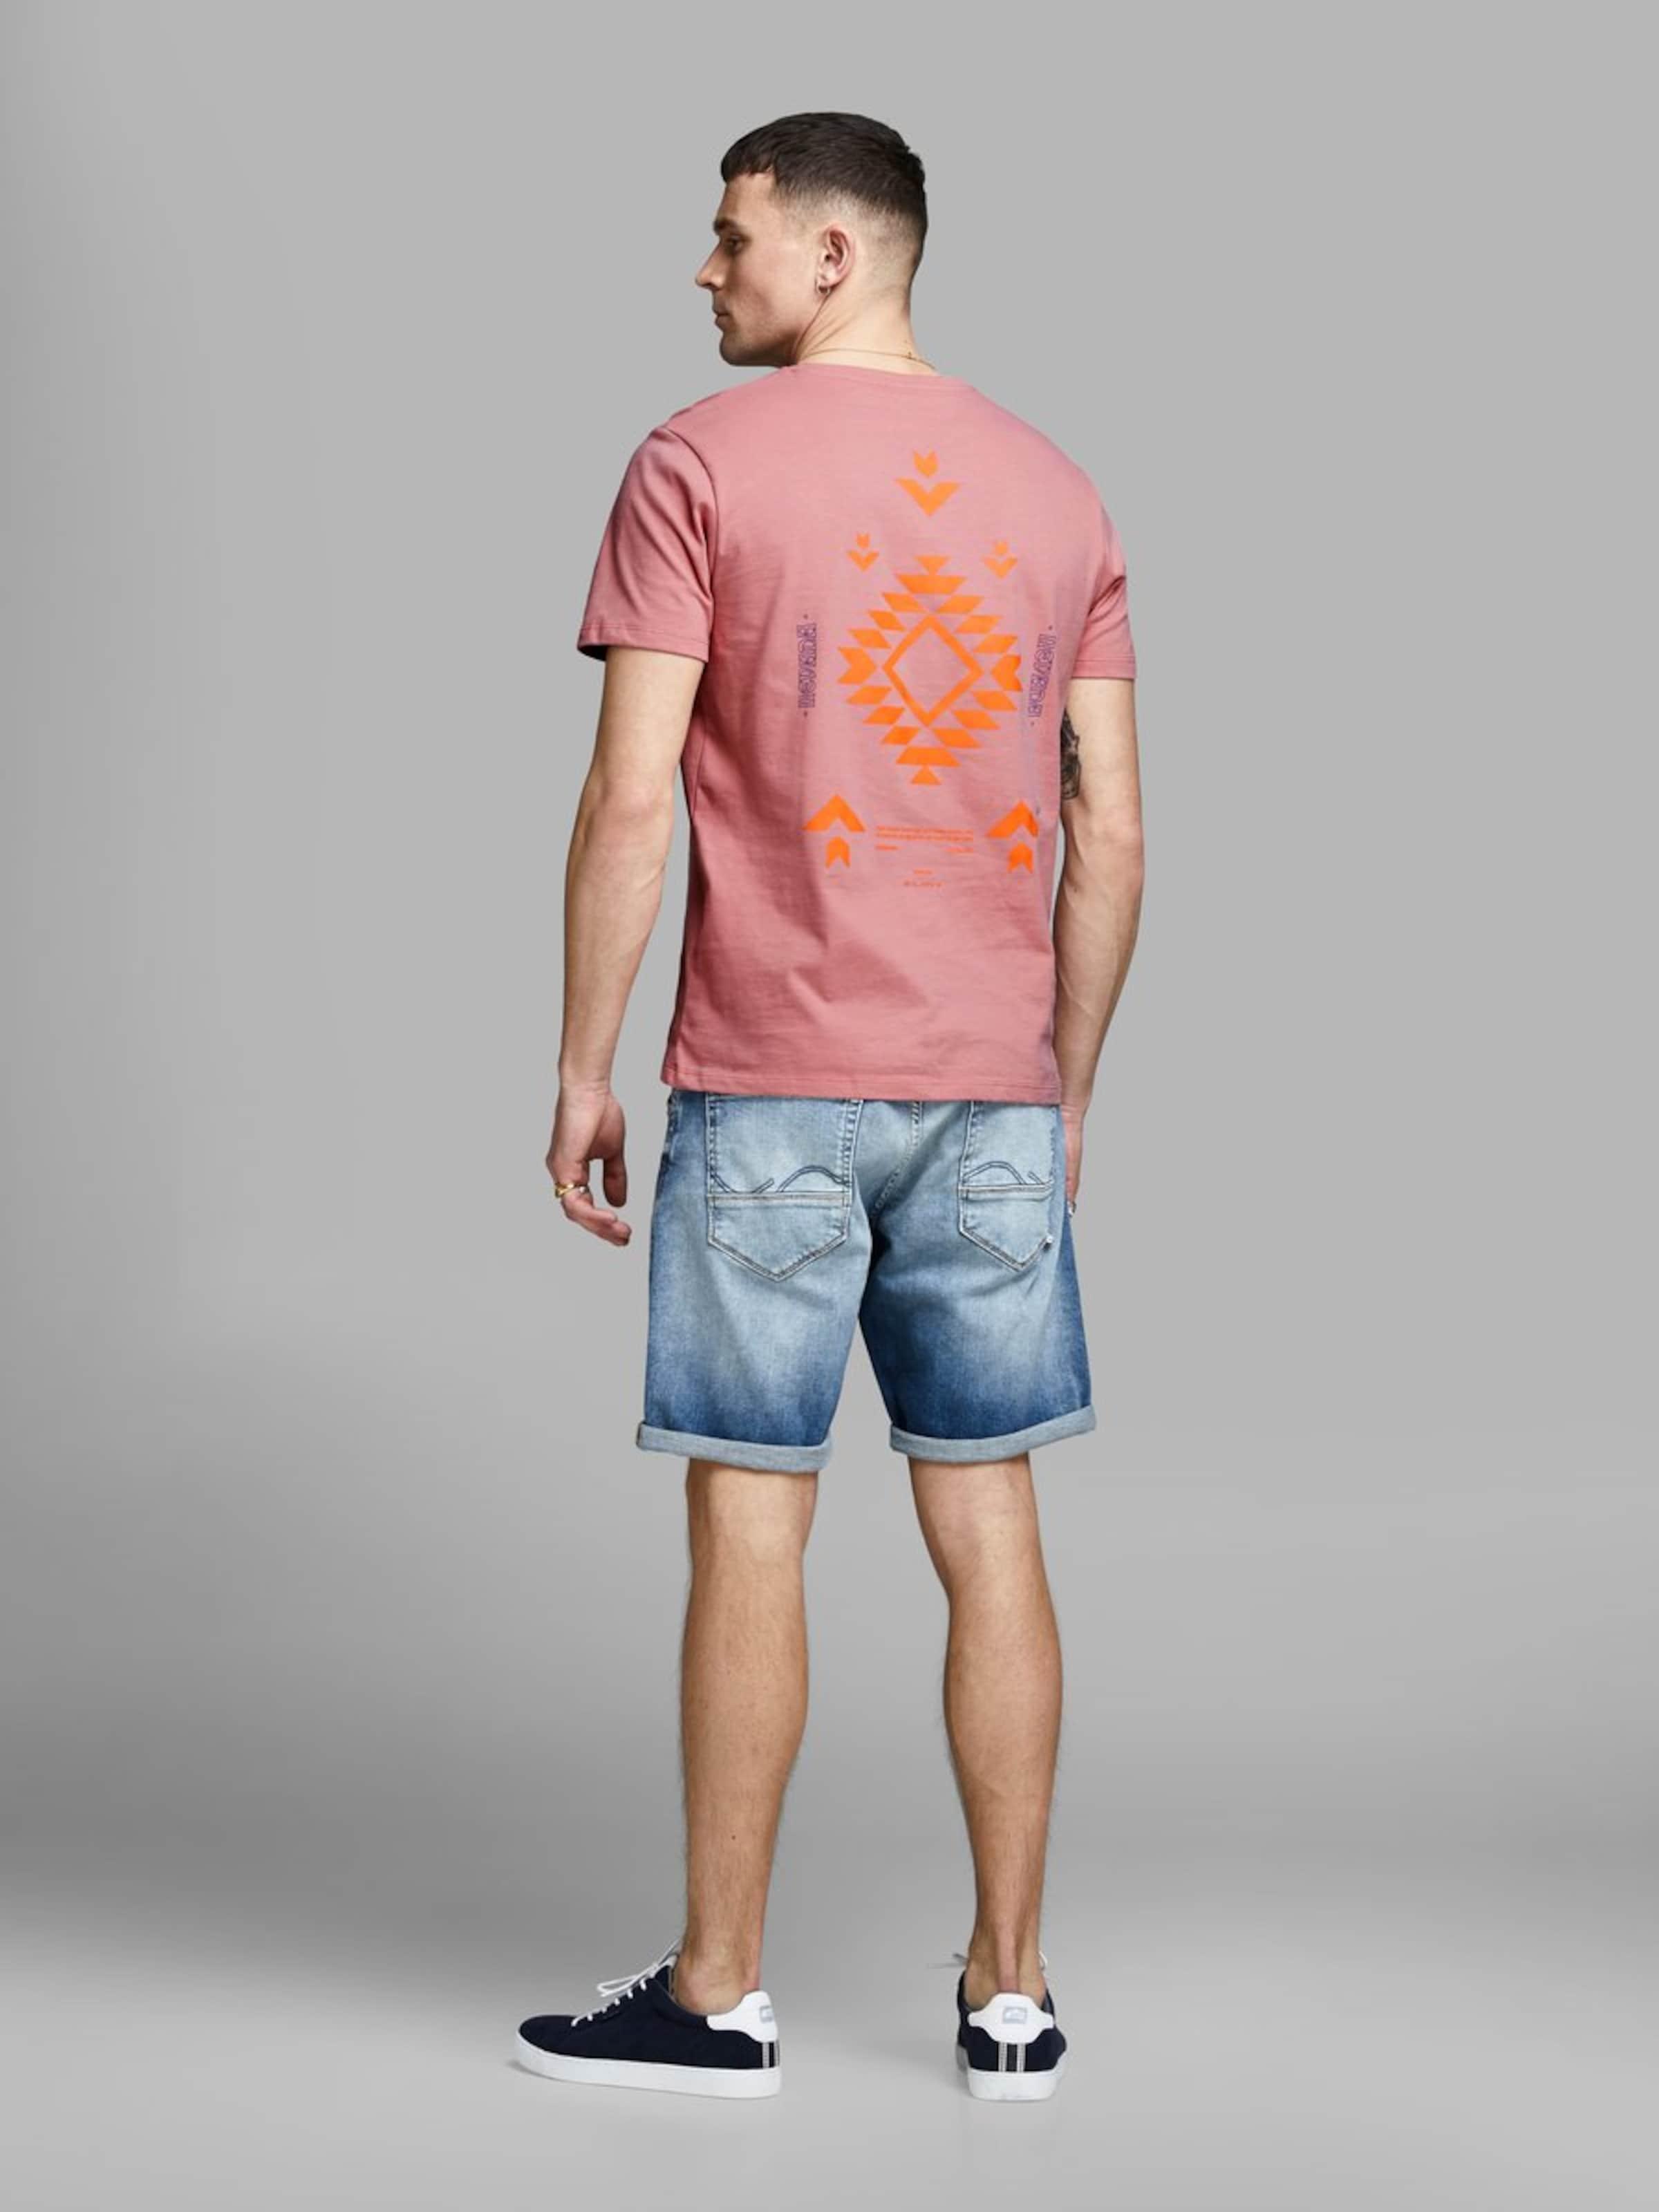 shirt Jones T En Rose Jackamp; Ancienne 1TlJFKc